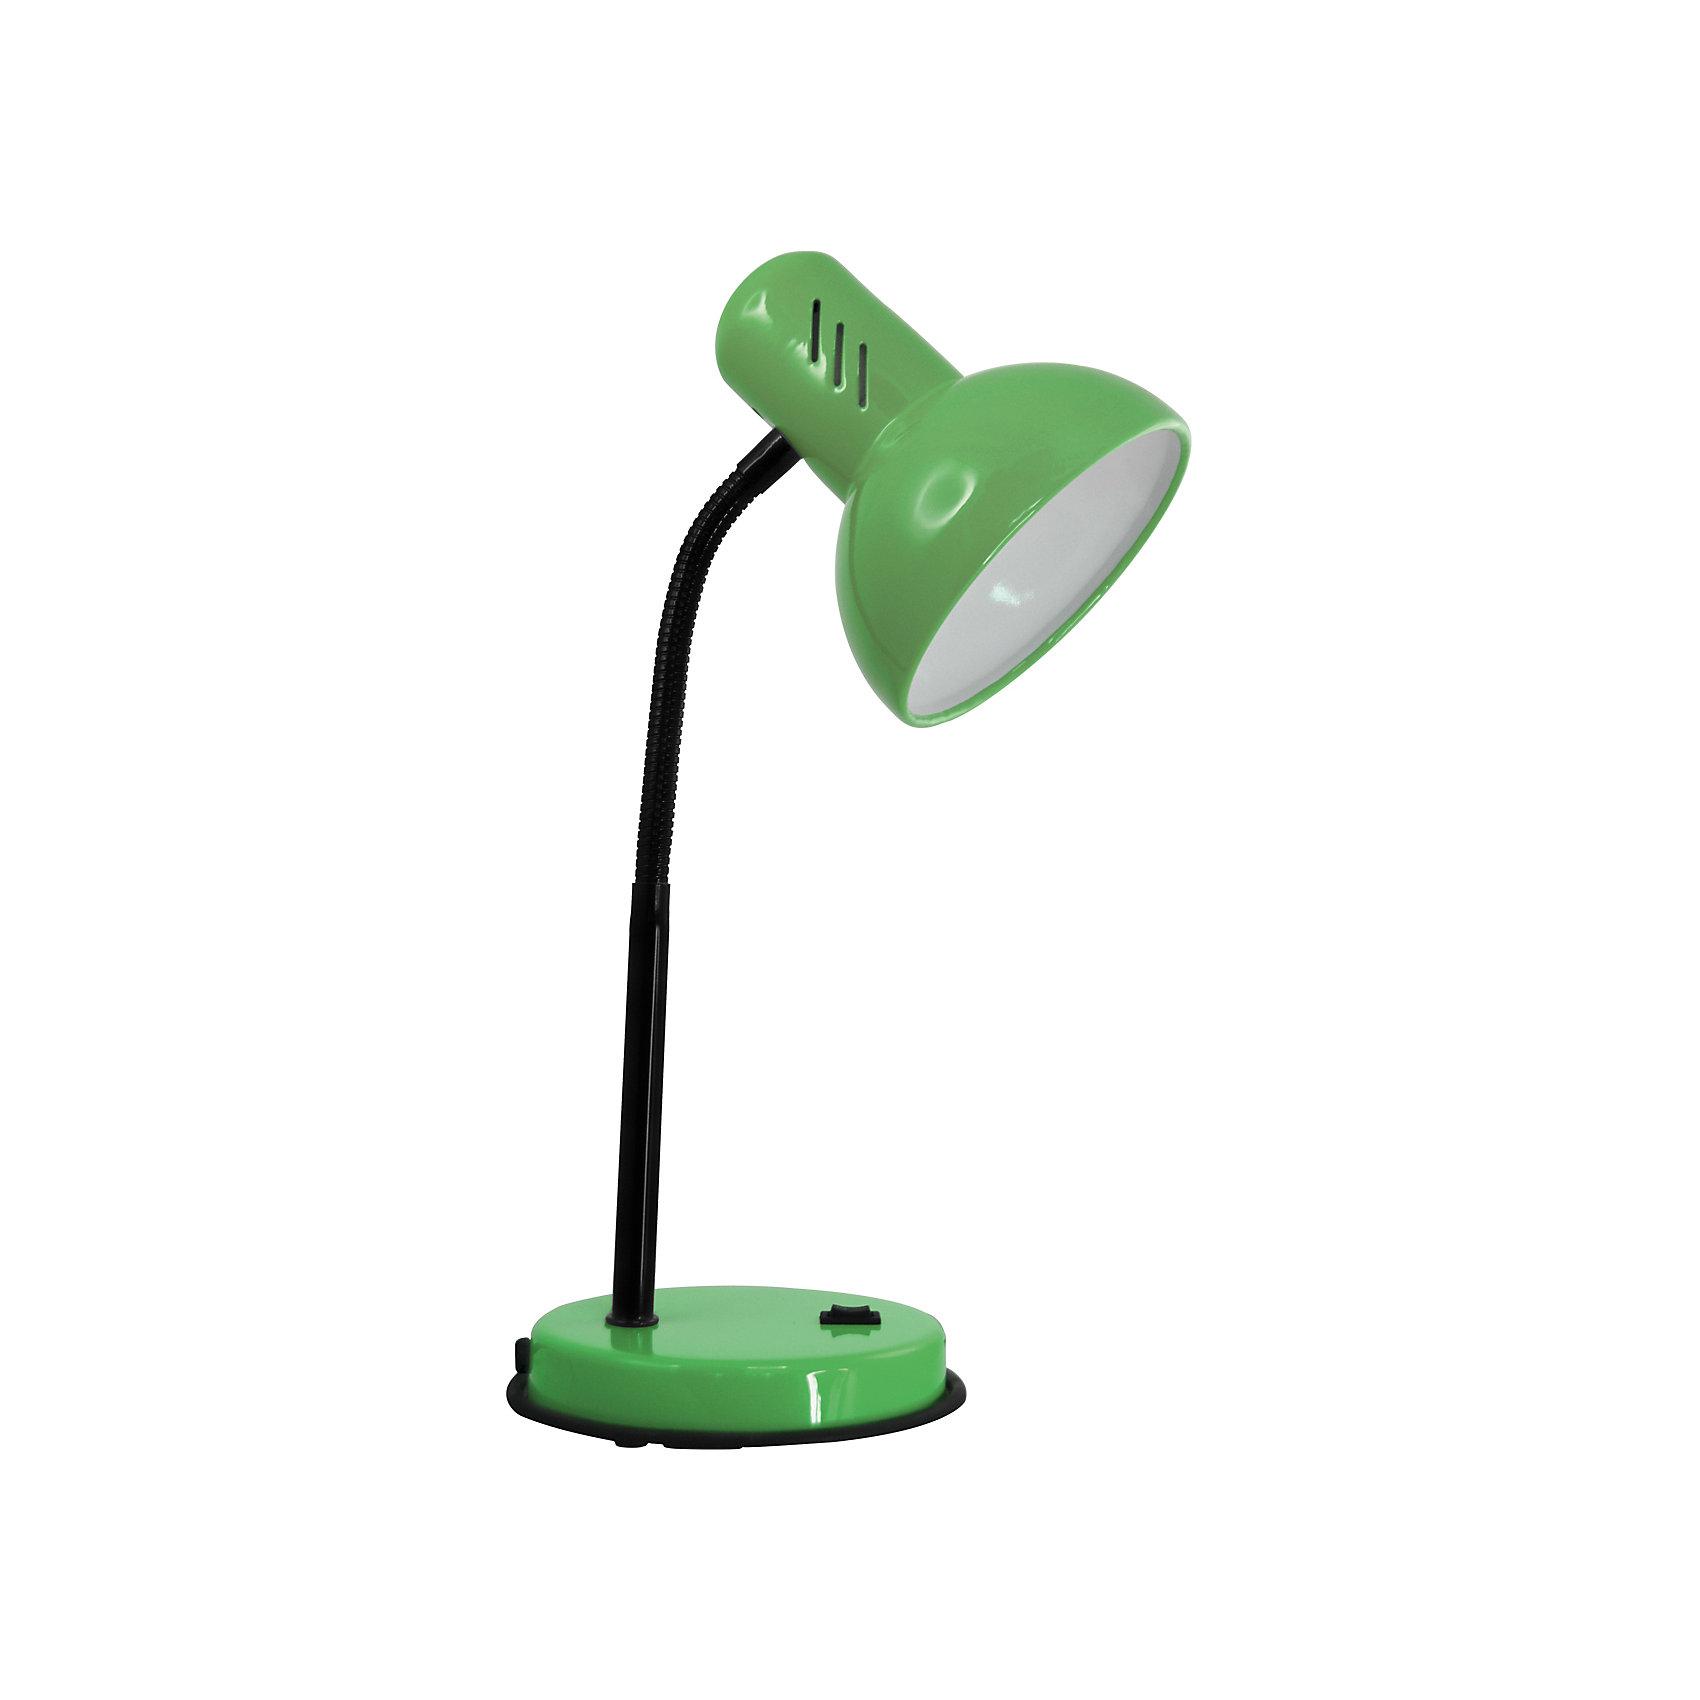 Настольный светильник Основание 40Вт ЛН, Ultra Light, зелёныйЛампы, ночники, фонарики<br>Зеленый светильник, 40 Вт – это классический светильник для освещения рабочего стола.<br>Зеленый светильник классического дизайна идеально подойдет для освещения рабочего места дома и в офисе. Плафон изготовлен из облегчённого металла, покрыт специальной устойчивой эмалью. Патрон светильника прочно закреплён, изготовлен из керамики. Сетевой шнур с вилкой длиной 1,8м. имеет двойную изоляцию, не требует заземления. Вилка изготовлена из пластичного материала, предотвращающего появление трещин. Светильник удобен и практичен в использовании.<br><br>Дополнительная информация: <br><br>- Материал плафона: металл<br>- Цвет: зеленый<br>- Питание: от сети 220В<br>- Тип цоколя: E27<br>- Мощность лампы: 40 Вт<br>- Длина шнура питания с вилкой: 1,8 м.<br>- Размер светильника: 16х30х13,3 см.<br>- Размер упаковки: 26х22,5х16,3 см.<br>- Вес: 860 гр.<br><br>Зеленый светильник, 40 Вт можно купить в нашем интернет-магазине.<br><br>Ширина мм: 260<br>Глубина мм: 225<br>Высота мм: 163<br>Вес г: 860<br>Возраст от месяцев: 36<br>Возраст до месяцев: 192<br>Пол: Унисекс<br>Возраст: Детский<br>SKU: 4641467